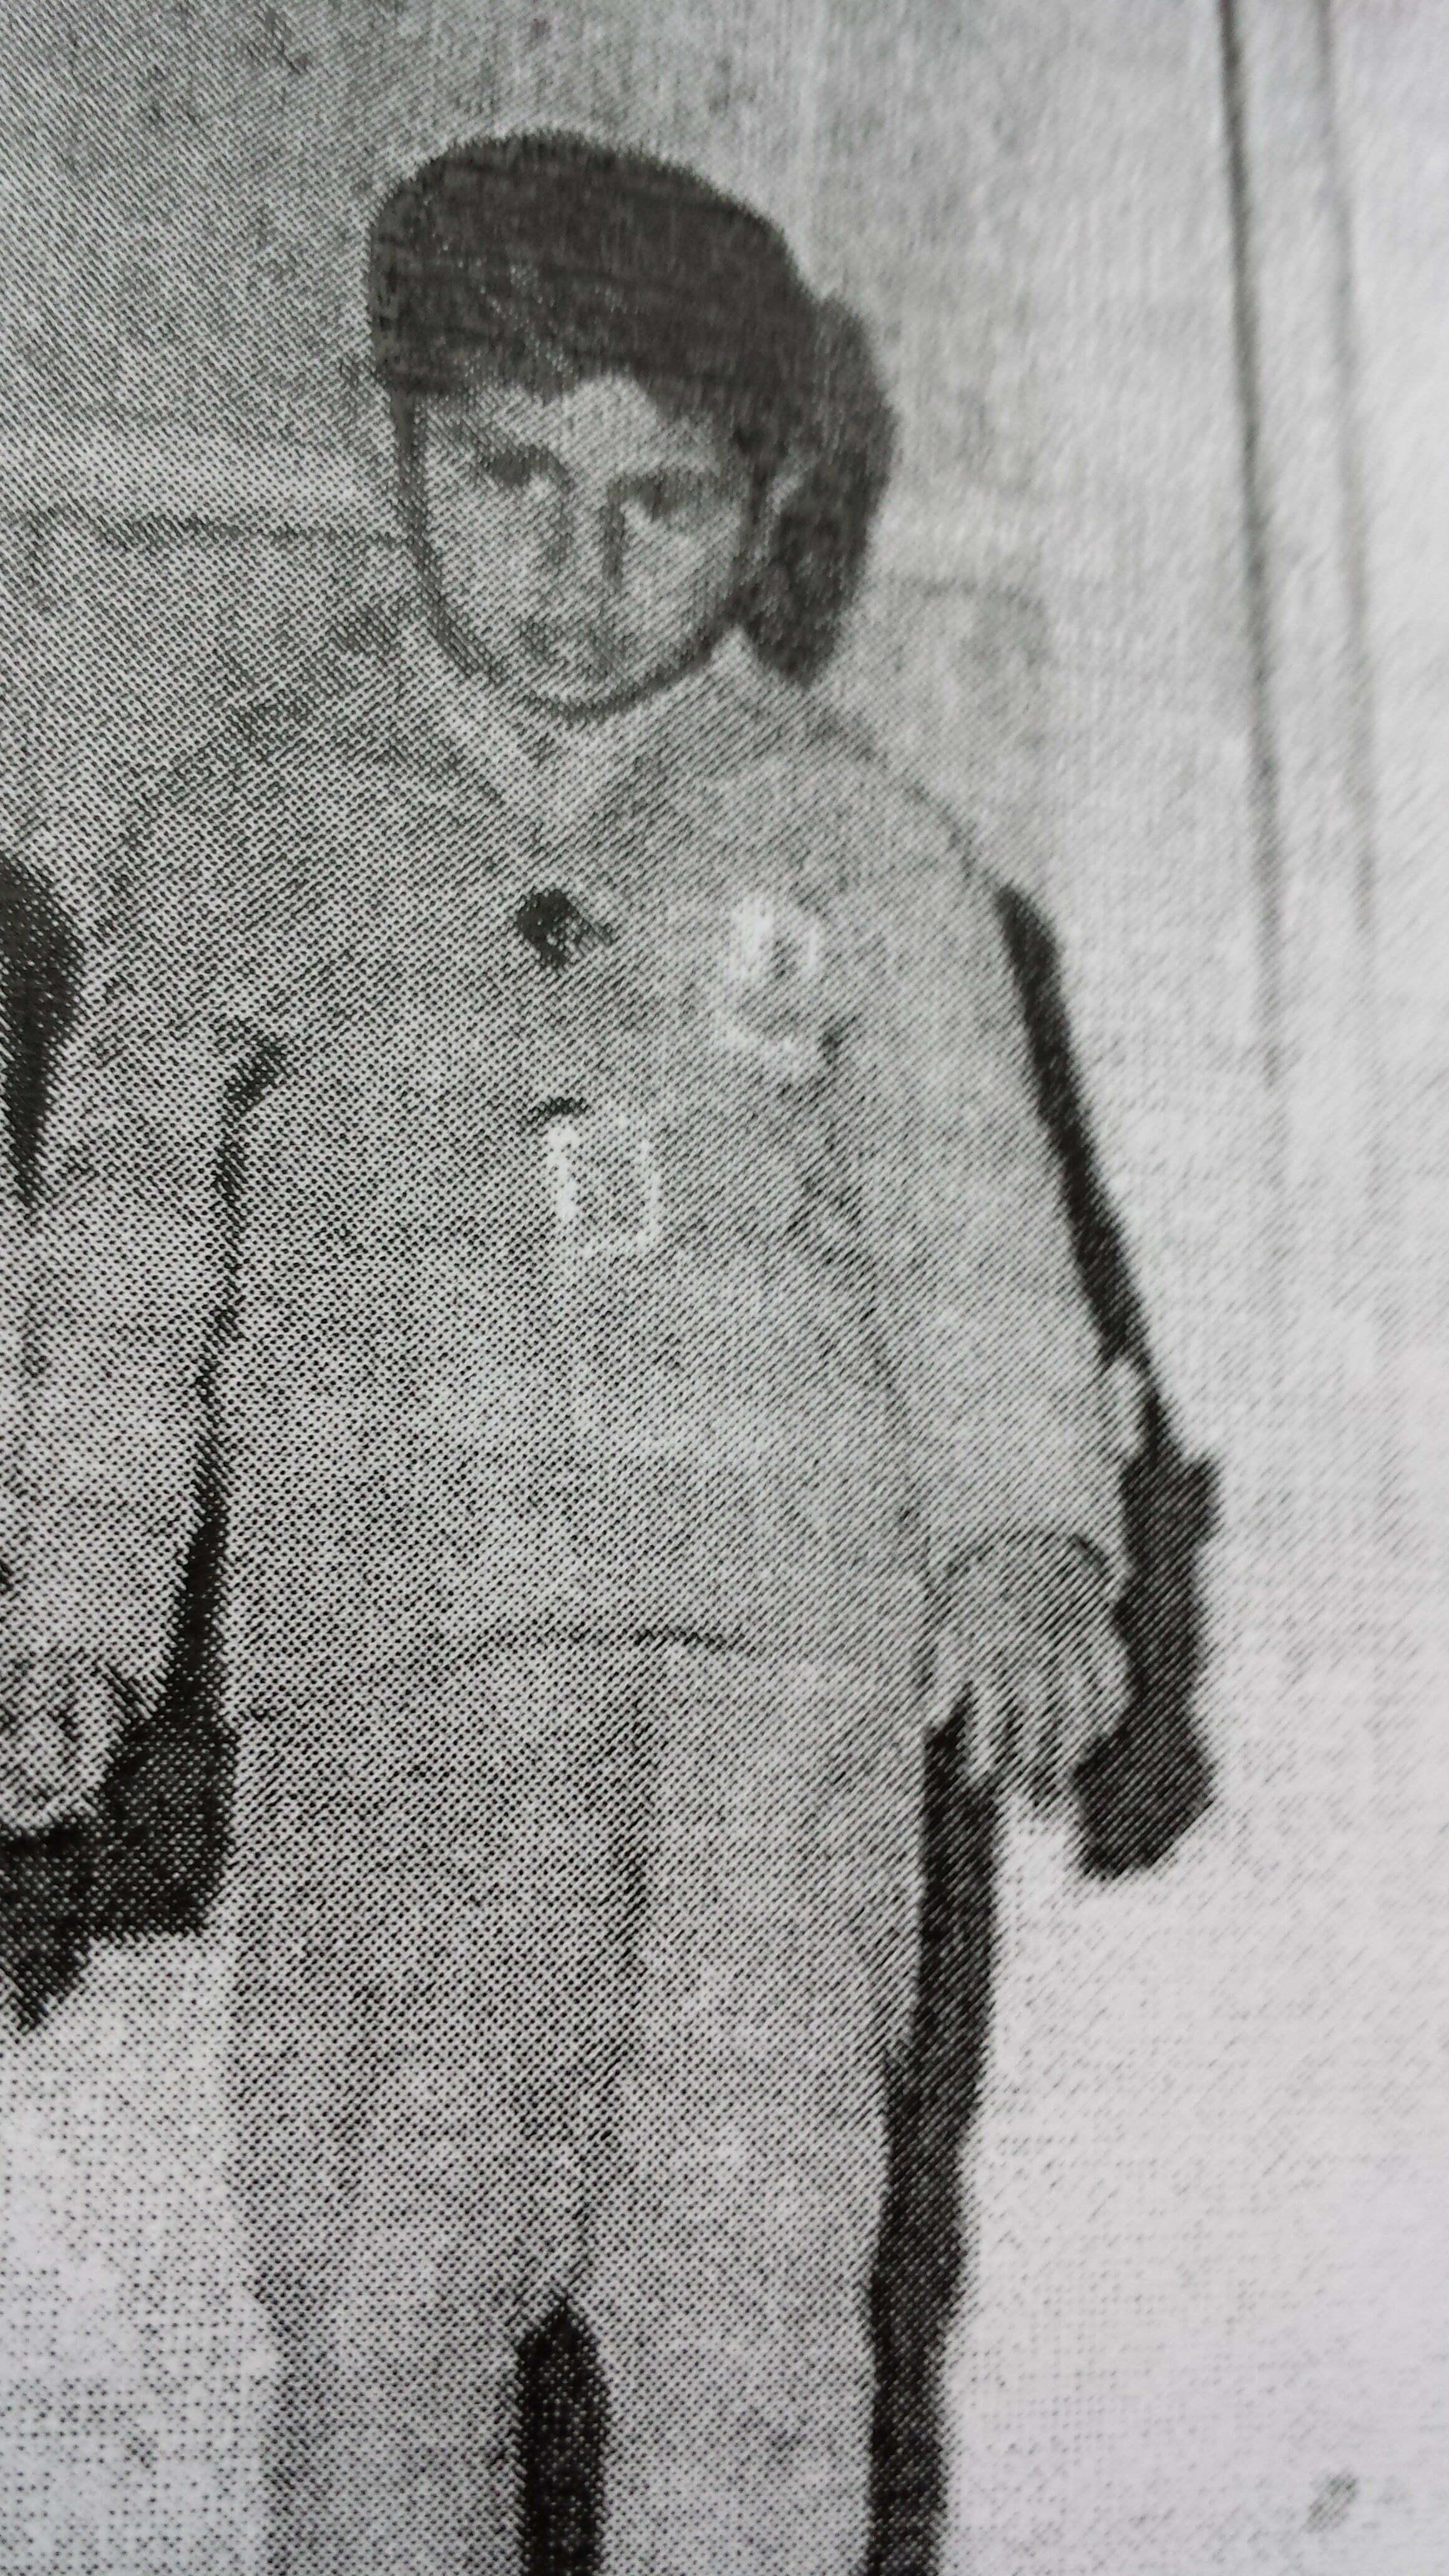 عکسی از دوران کودکی